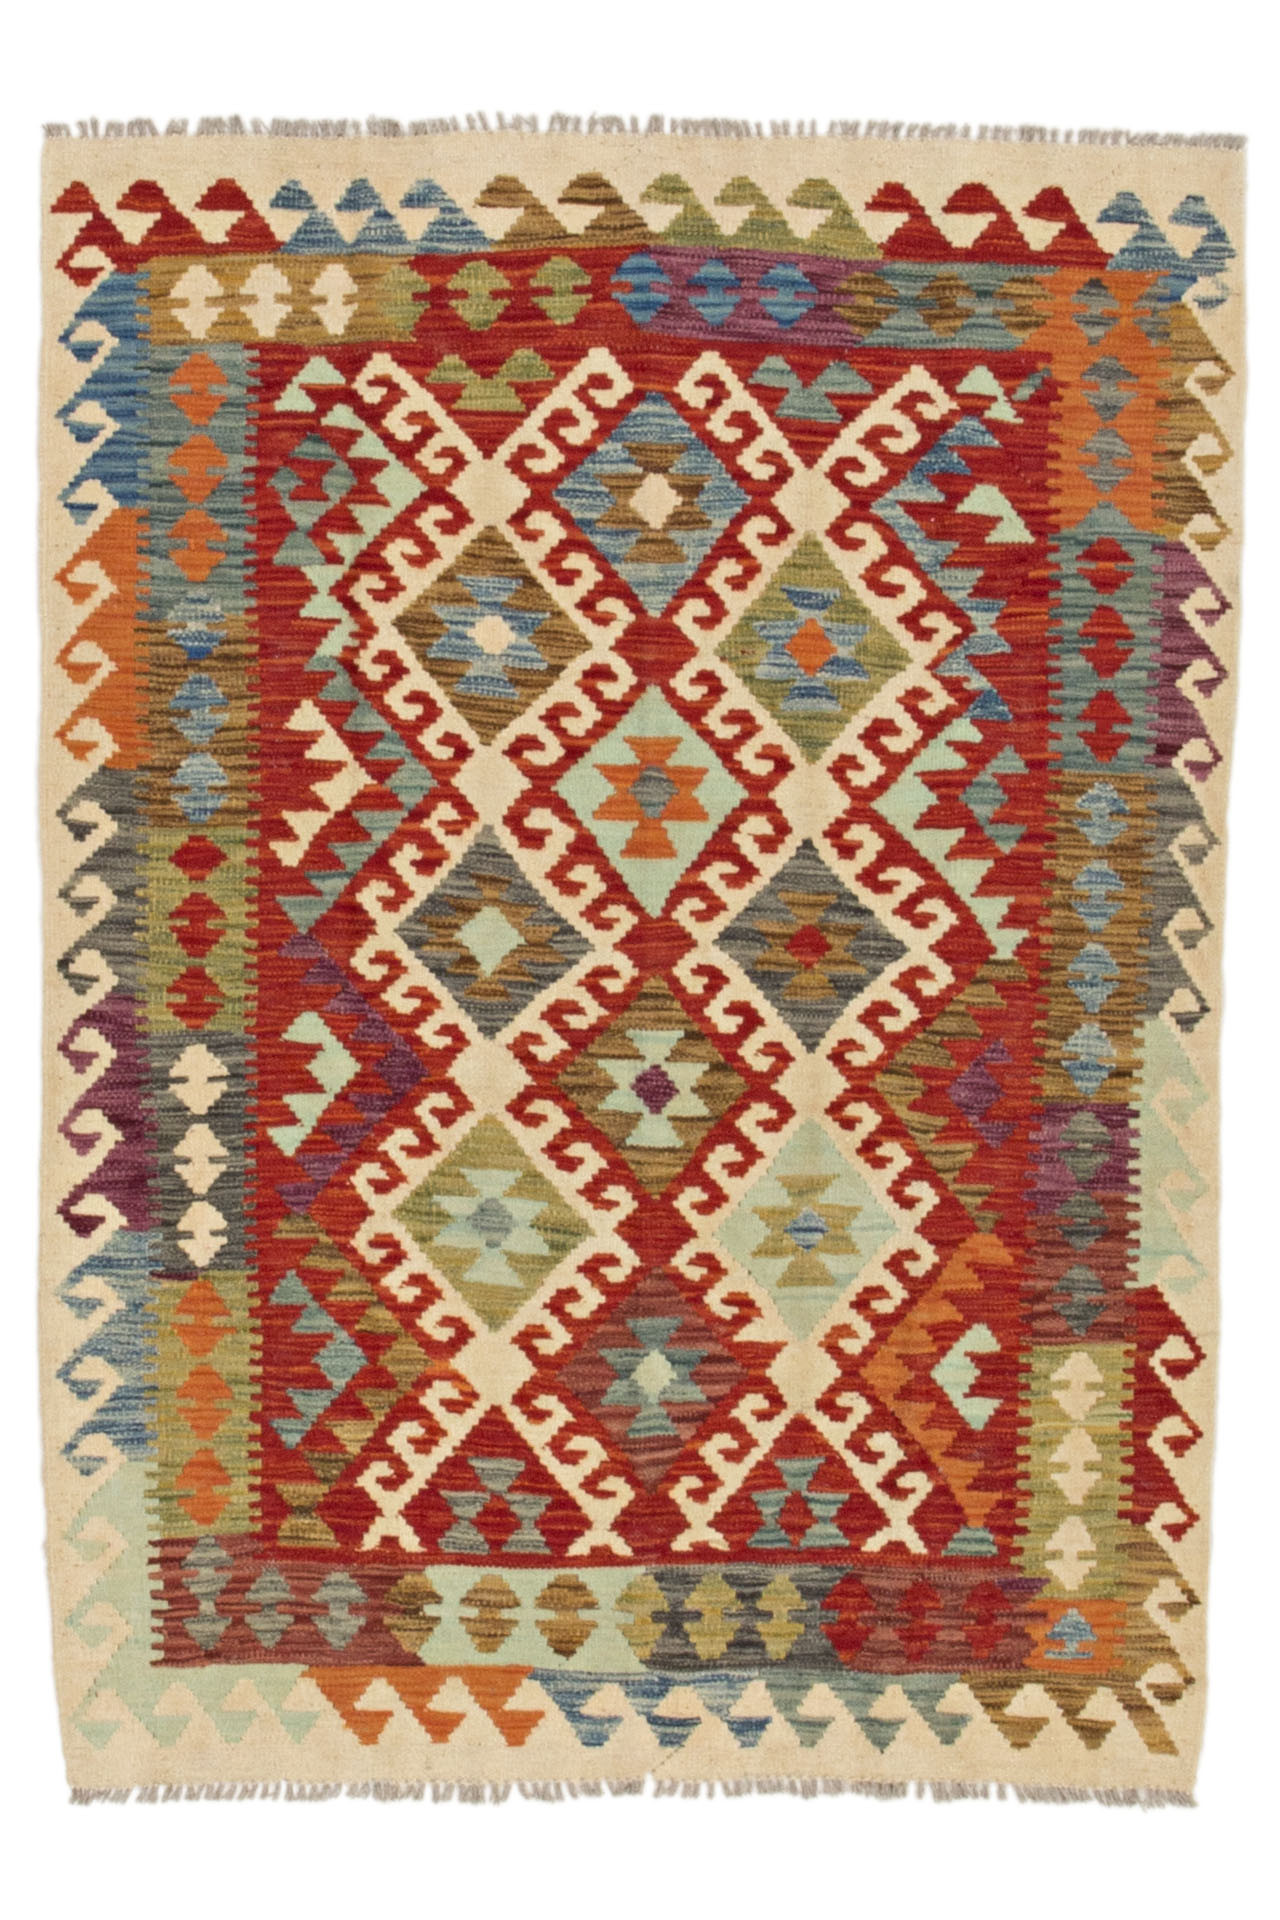 Handvävd Kelim matta av ull från Afghanistan med vacker rödmellerad bottenfärg